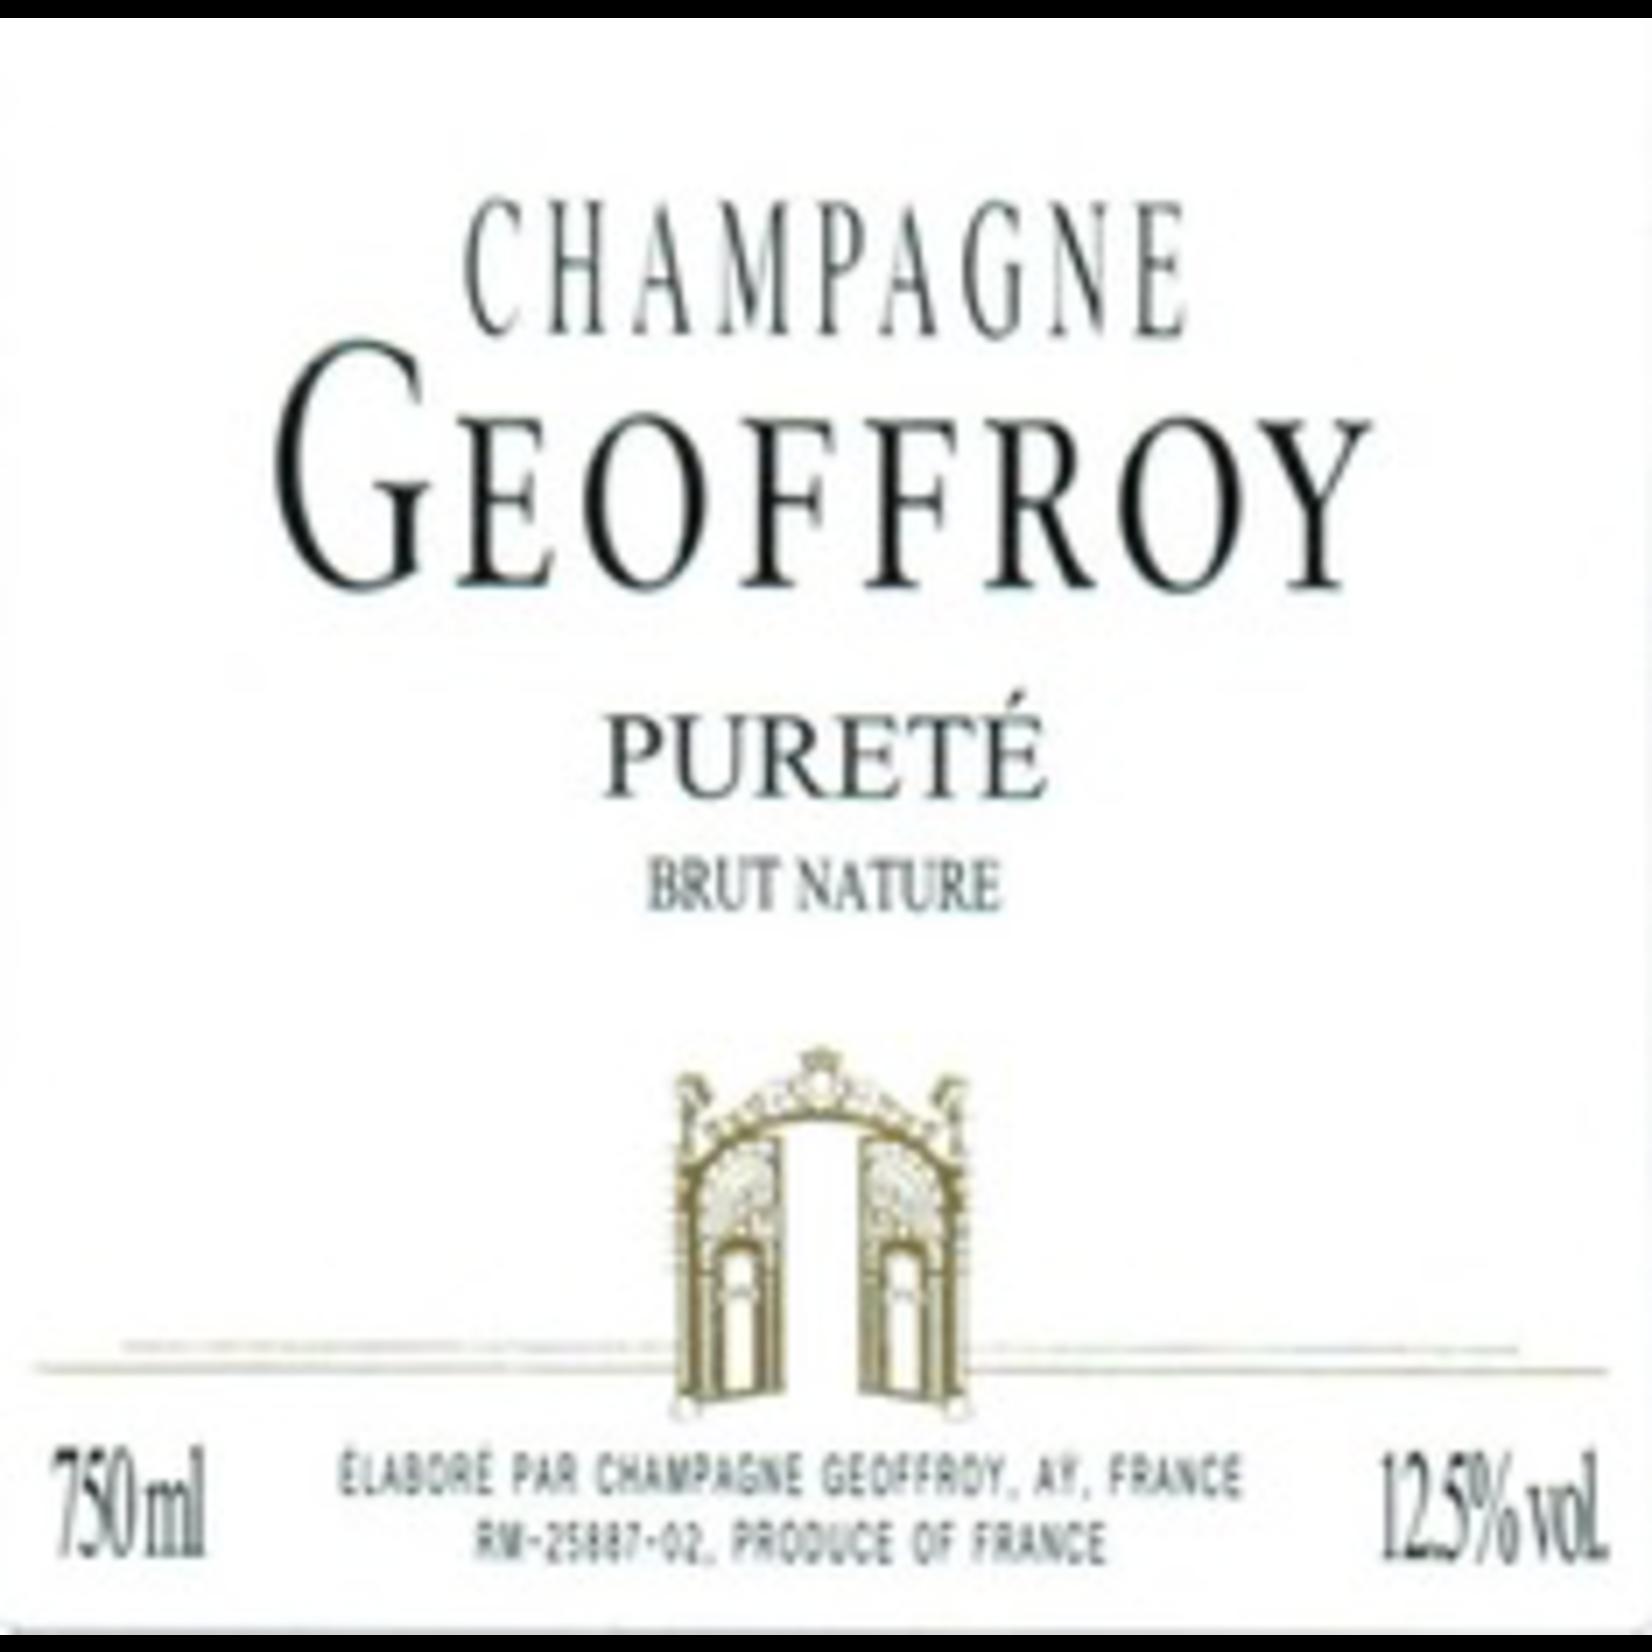 Sparkling R Geoffroy Champagne Brut Nature Purete